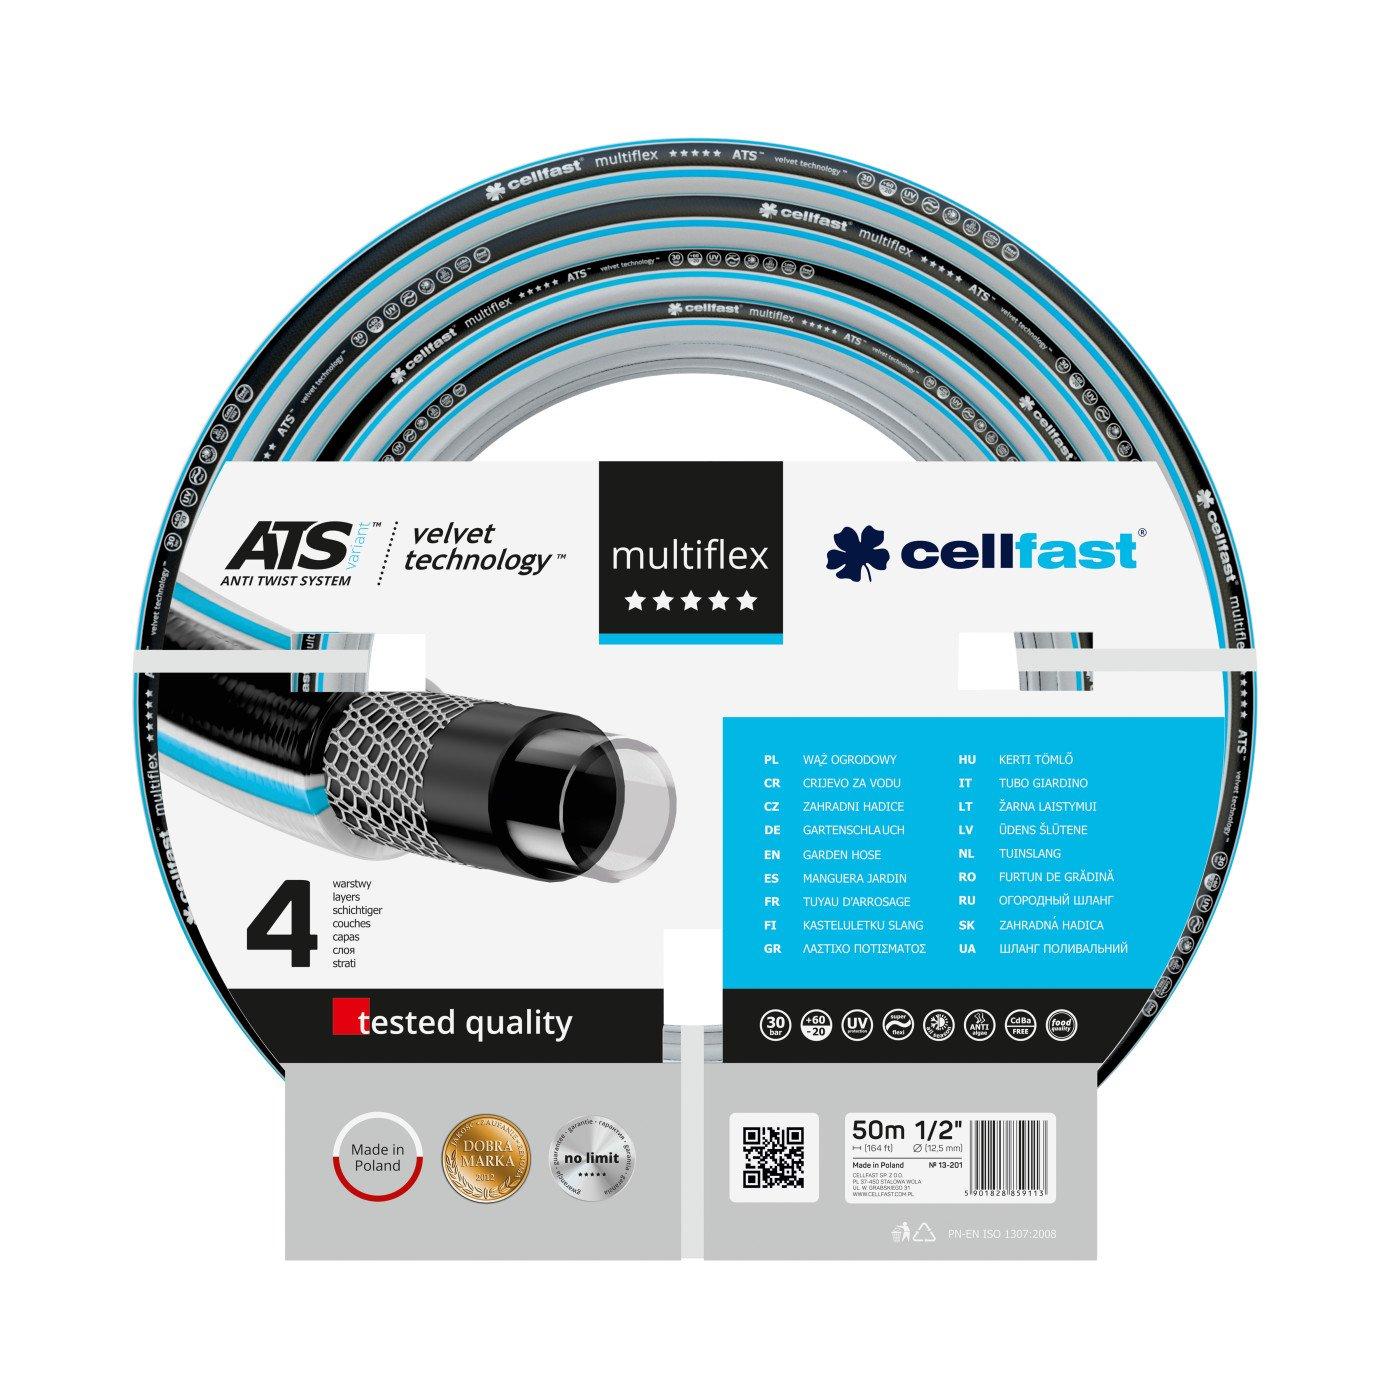 CELLFAST - TUINSLANG - MULTIFLEX ATS VARIANT™ VT - 1/2